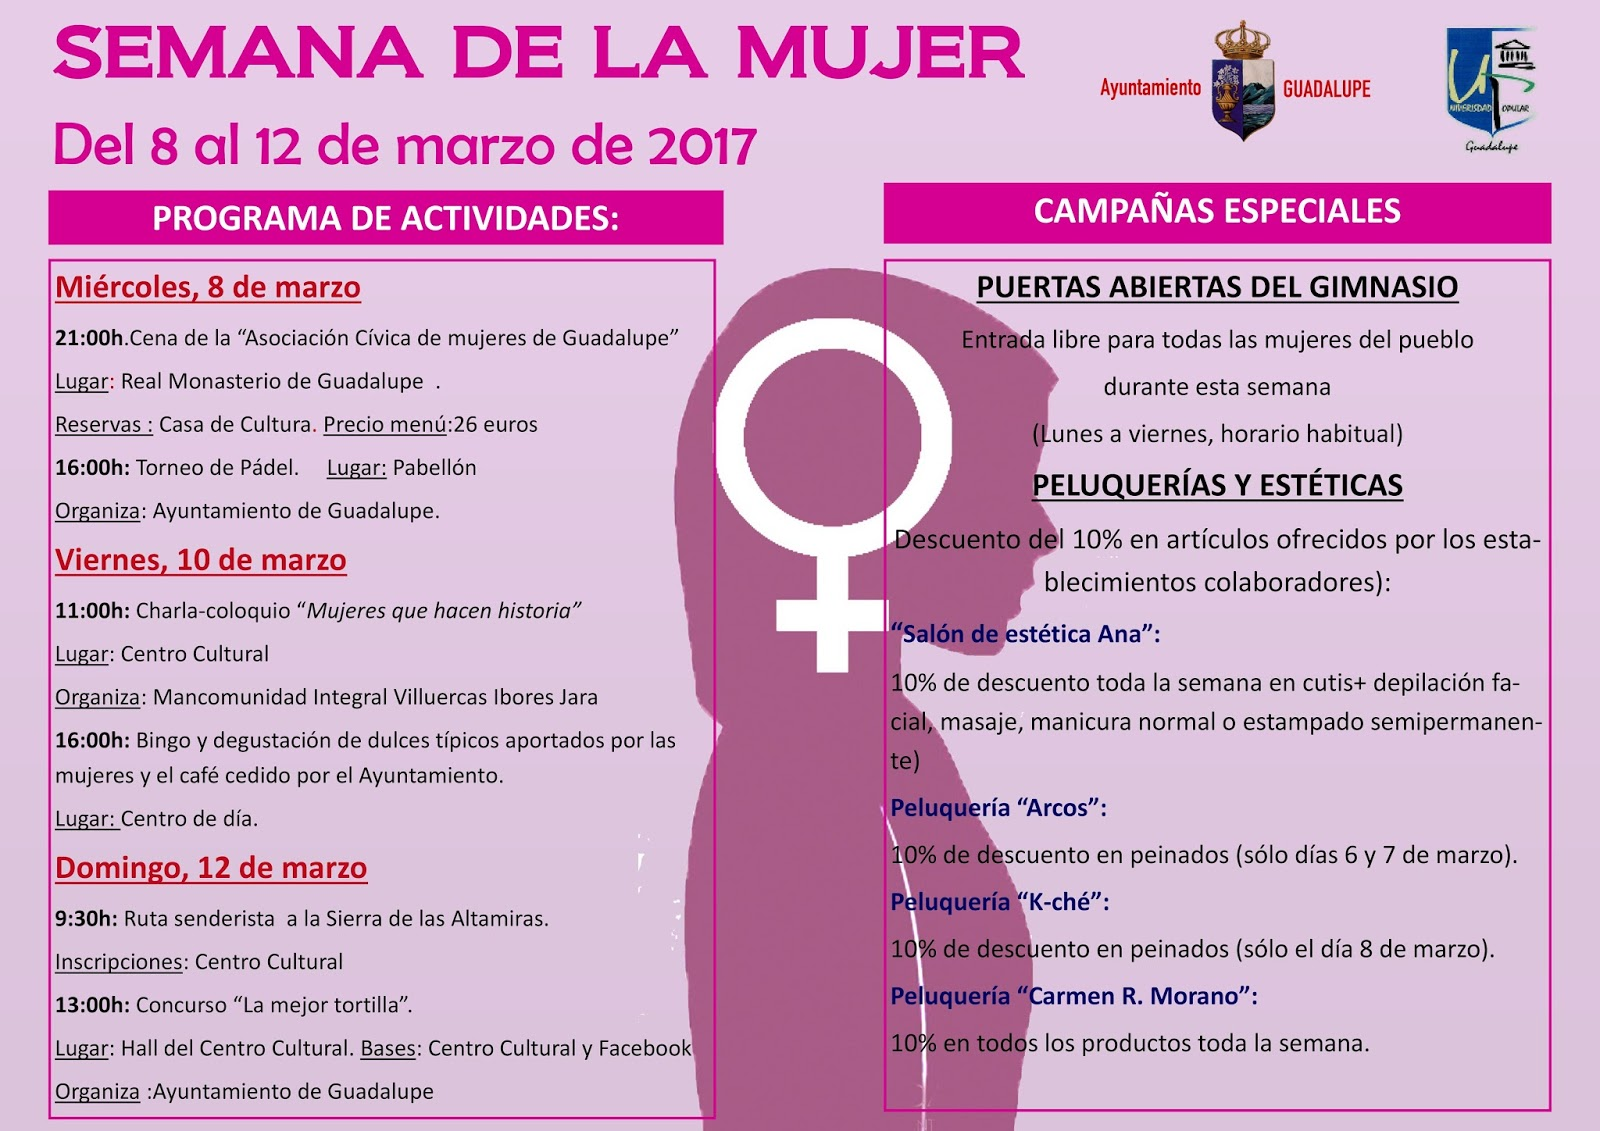 Semana de la mujer 2017 - Guadalupe